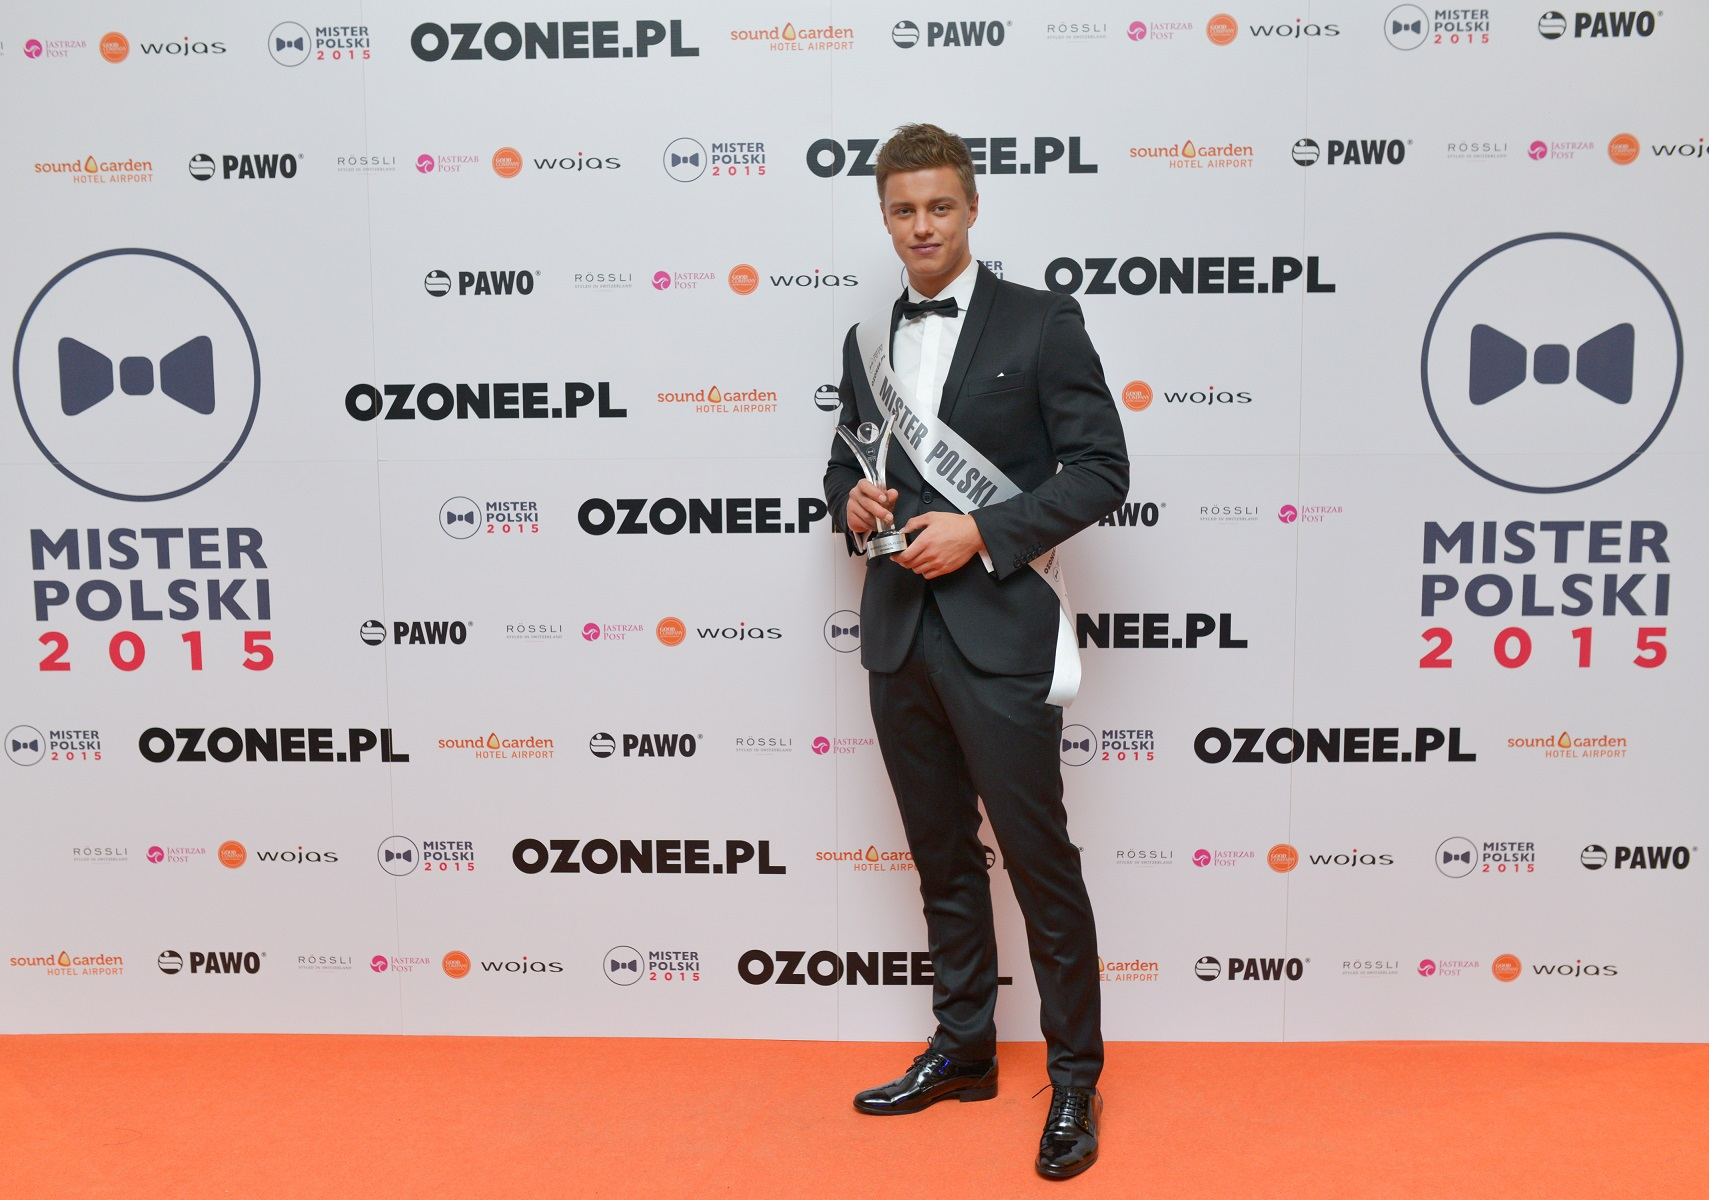 Maślak, posuń się - kim jest Rafał Jonkisz, nowy mister 2015